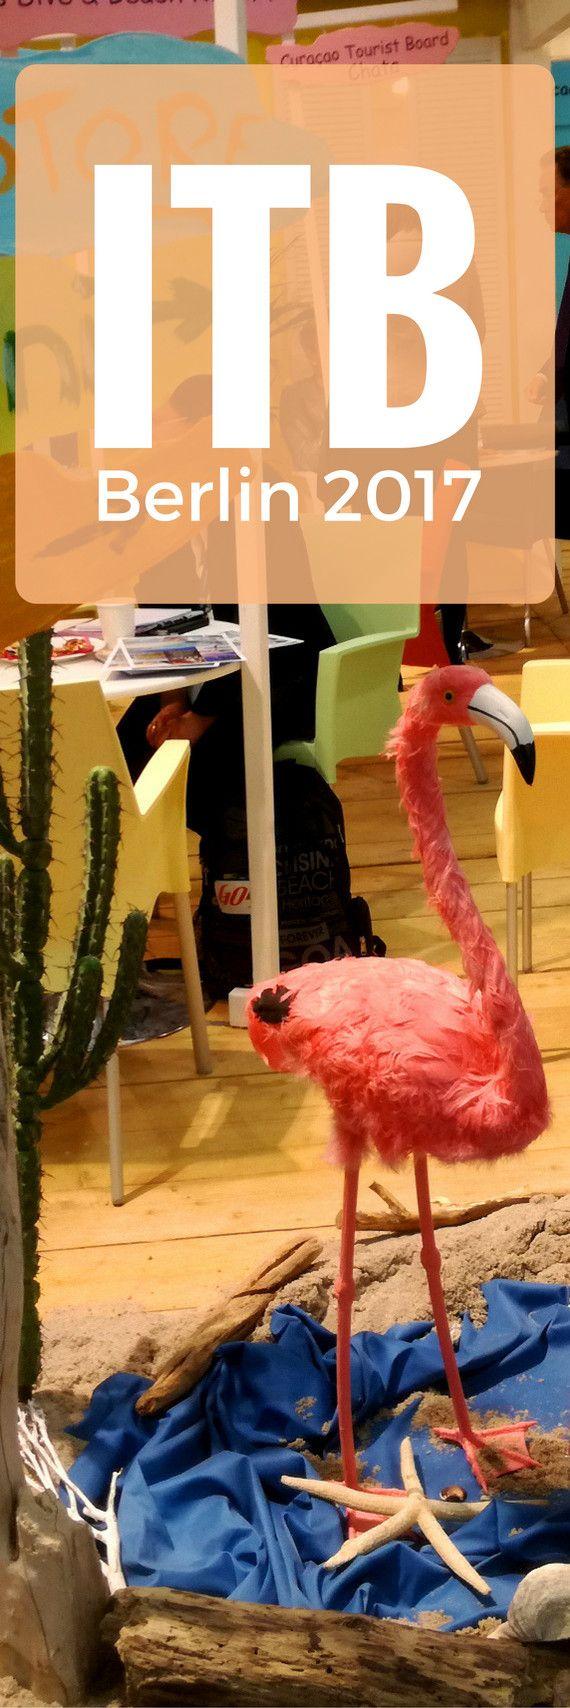 ITB Berlin 2017: Mein erstes Mal auf der weltgrößten Reisemesse